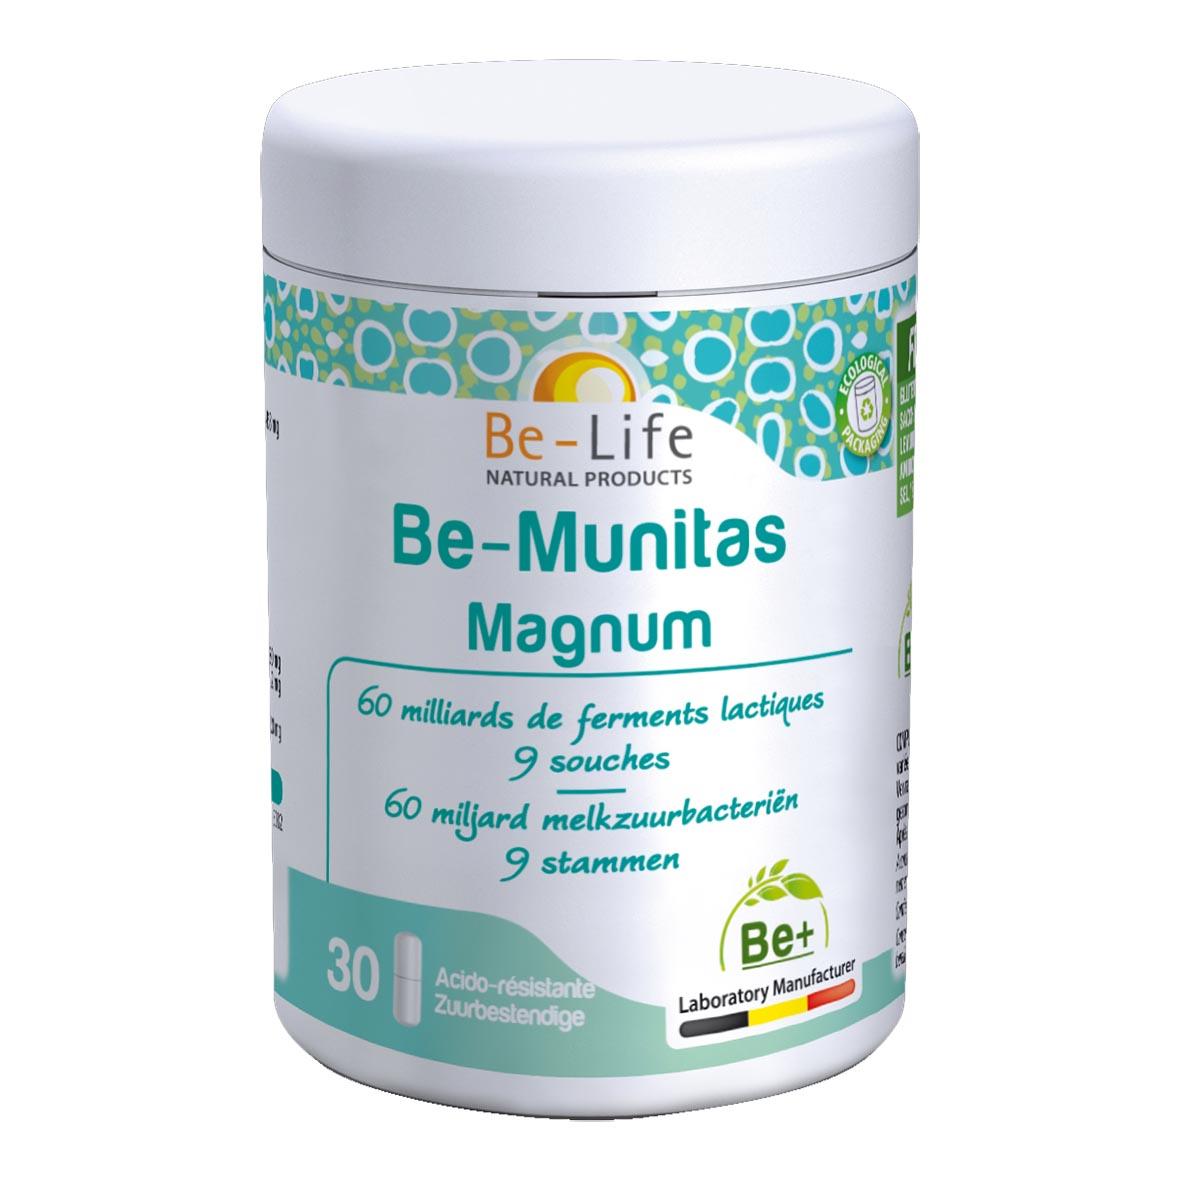 Be-Munitas Magnum 30 gélules